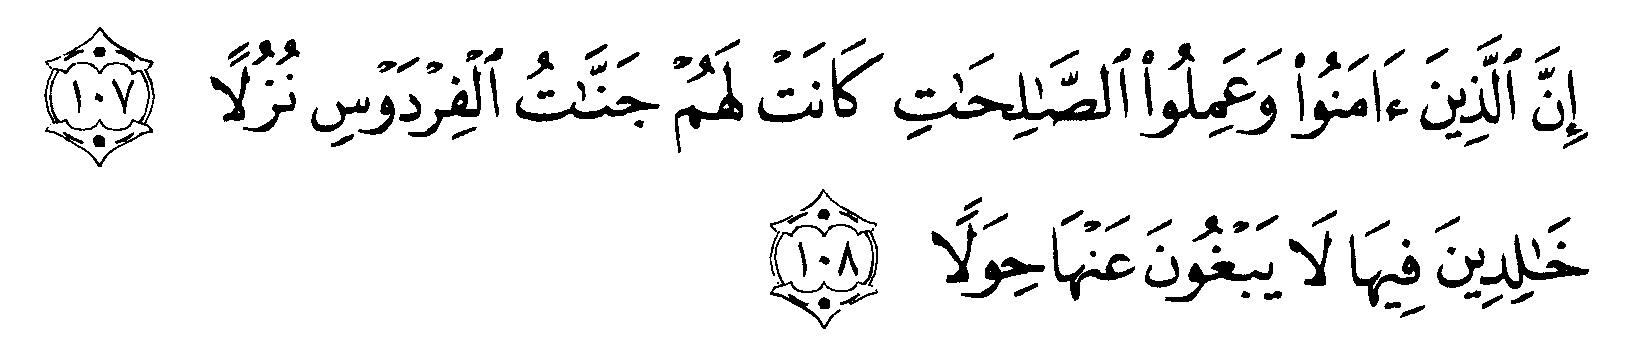 Al Kahfi Alquranmulia